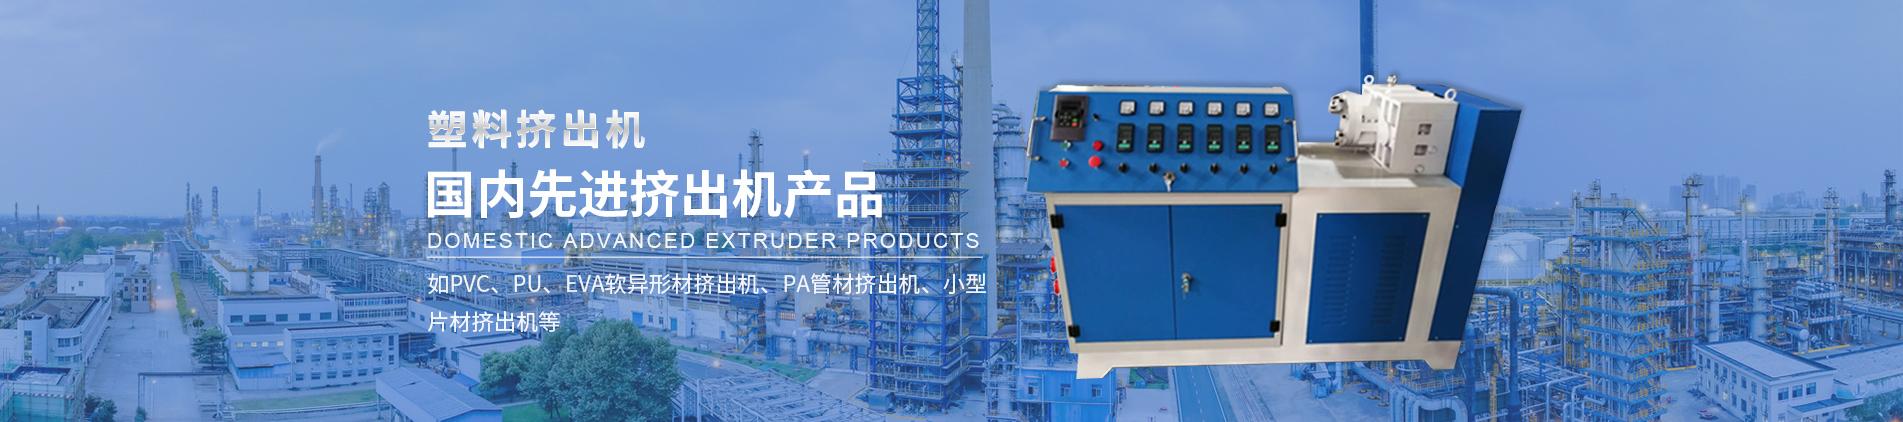 余姚市Aggame塑料机械厂